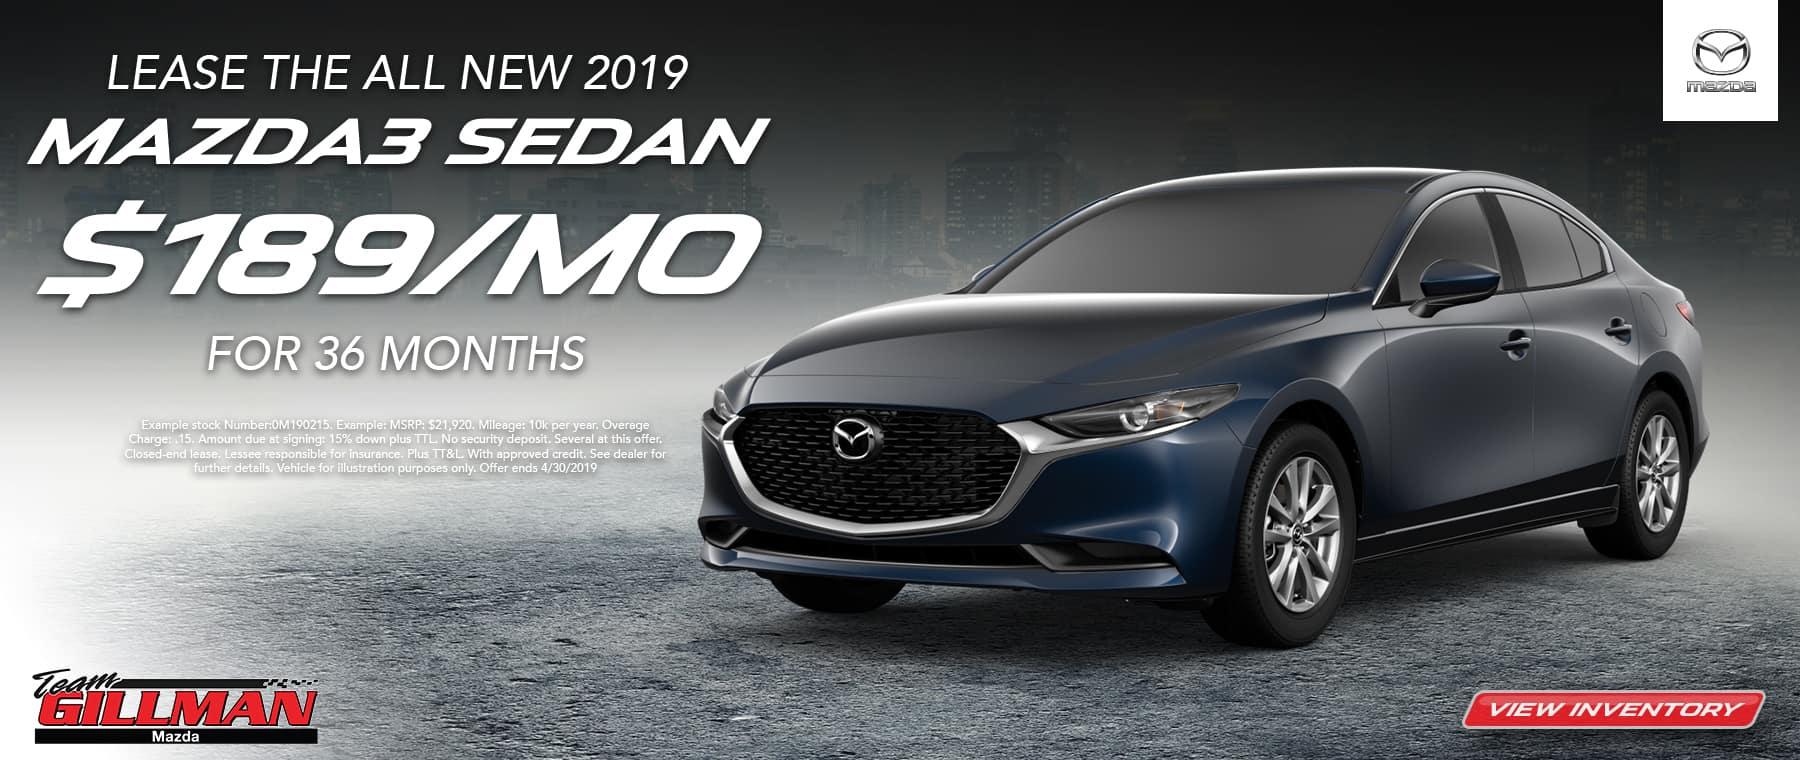 2019-Mazda-3-Sedan